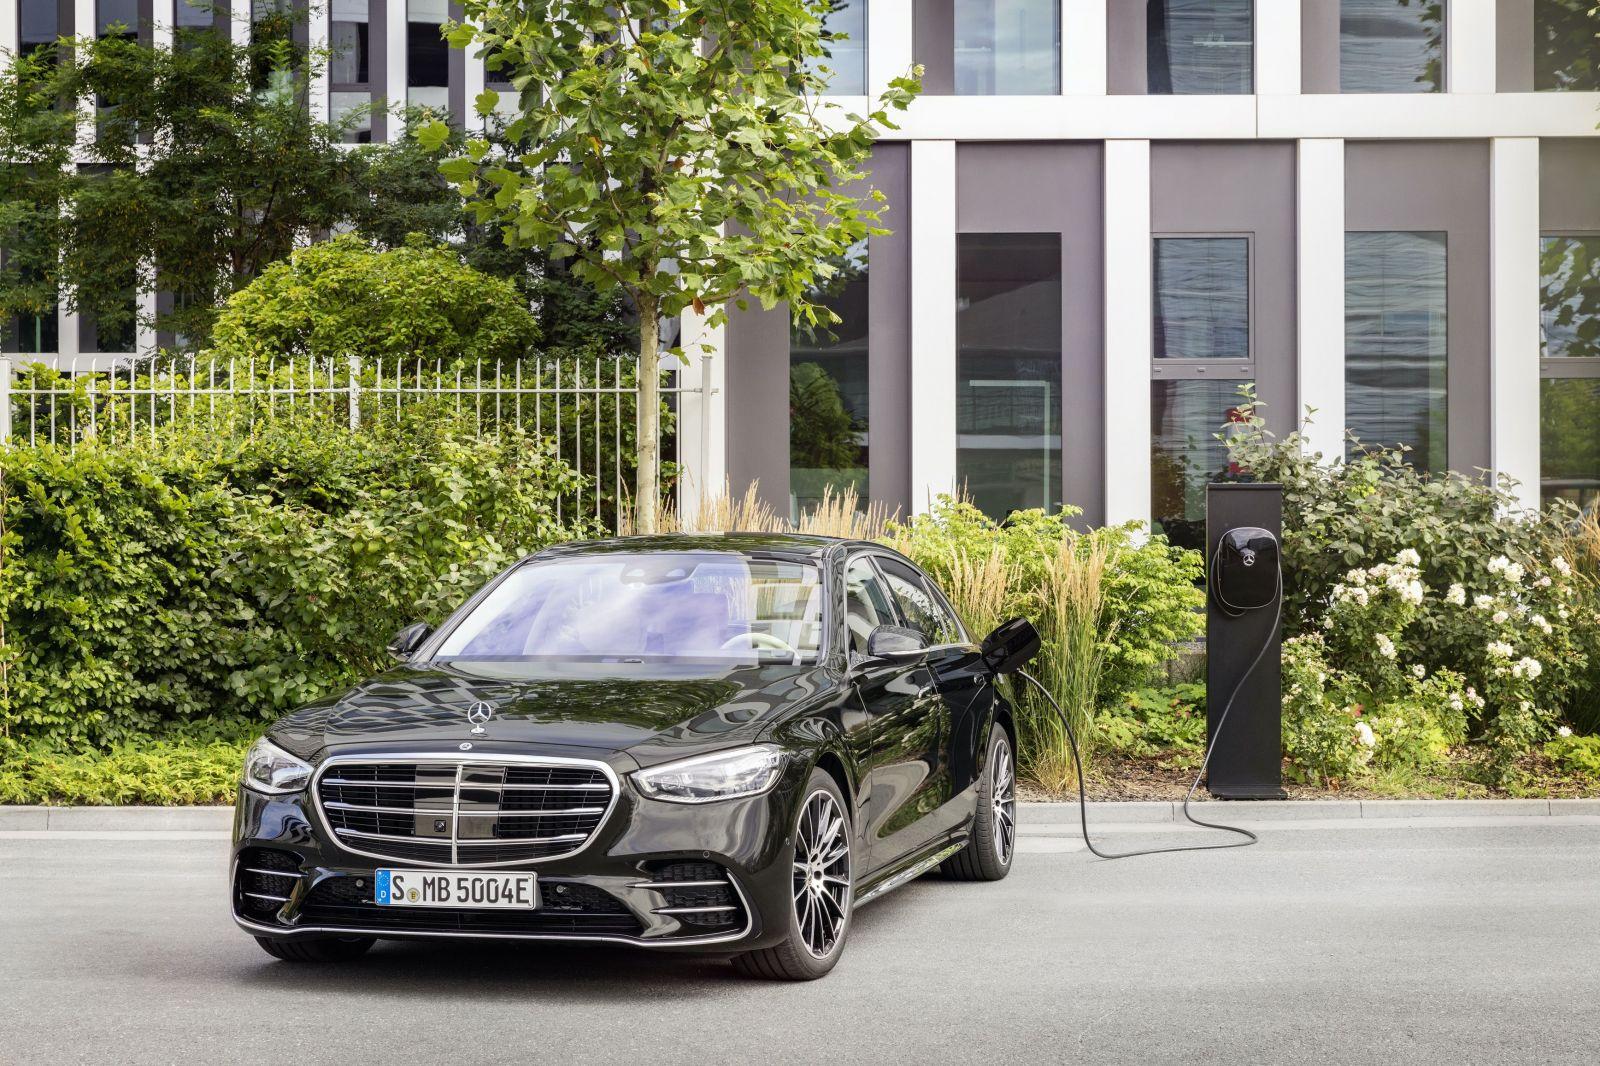 Luxusná trieda S v novej plug-in hybridnej verzii dokáže na elektrický pohon absolvovať viac ako 100 km